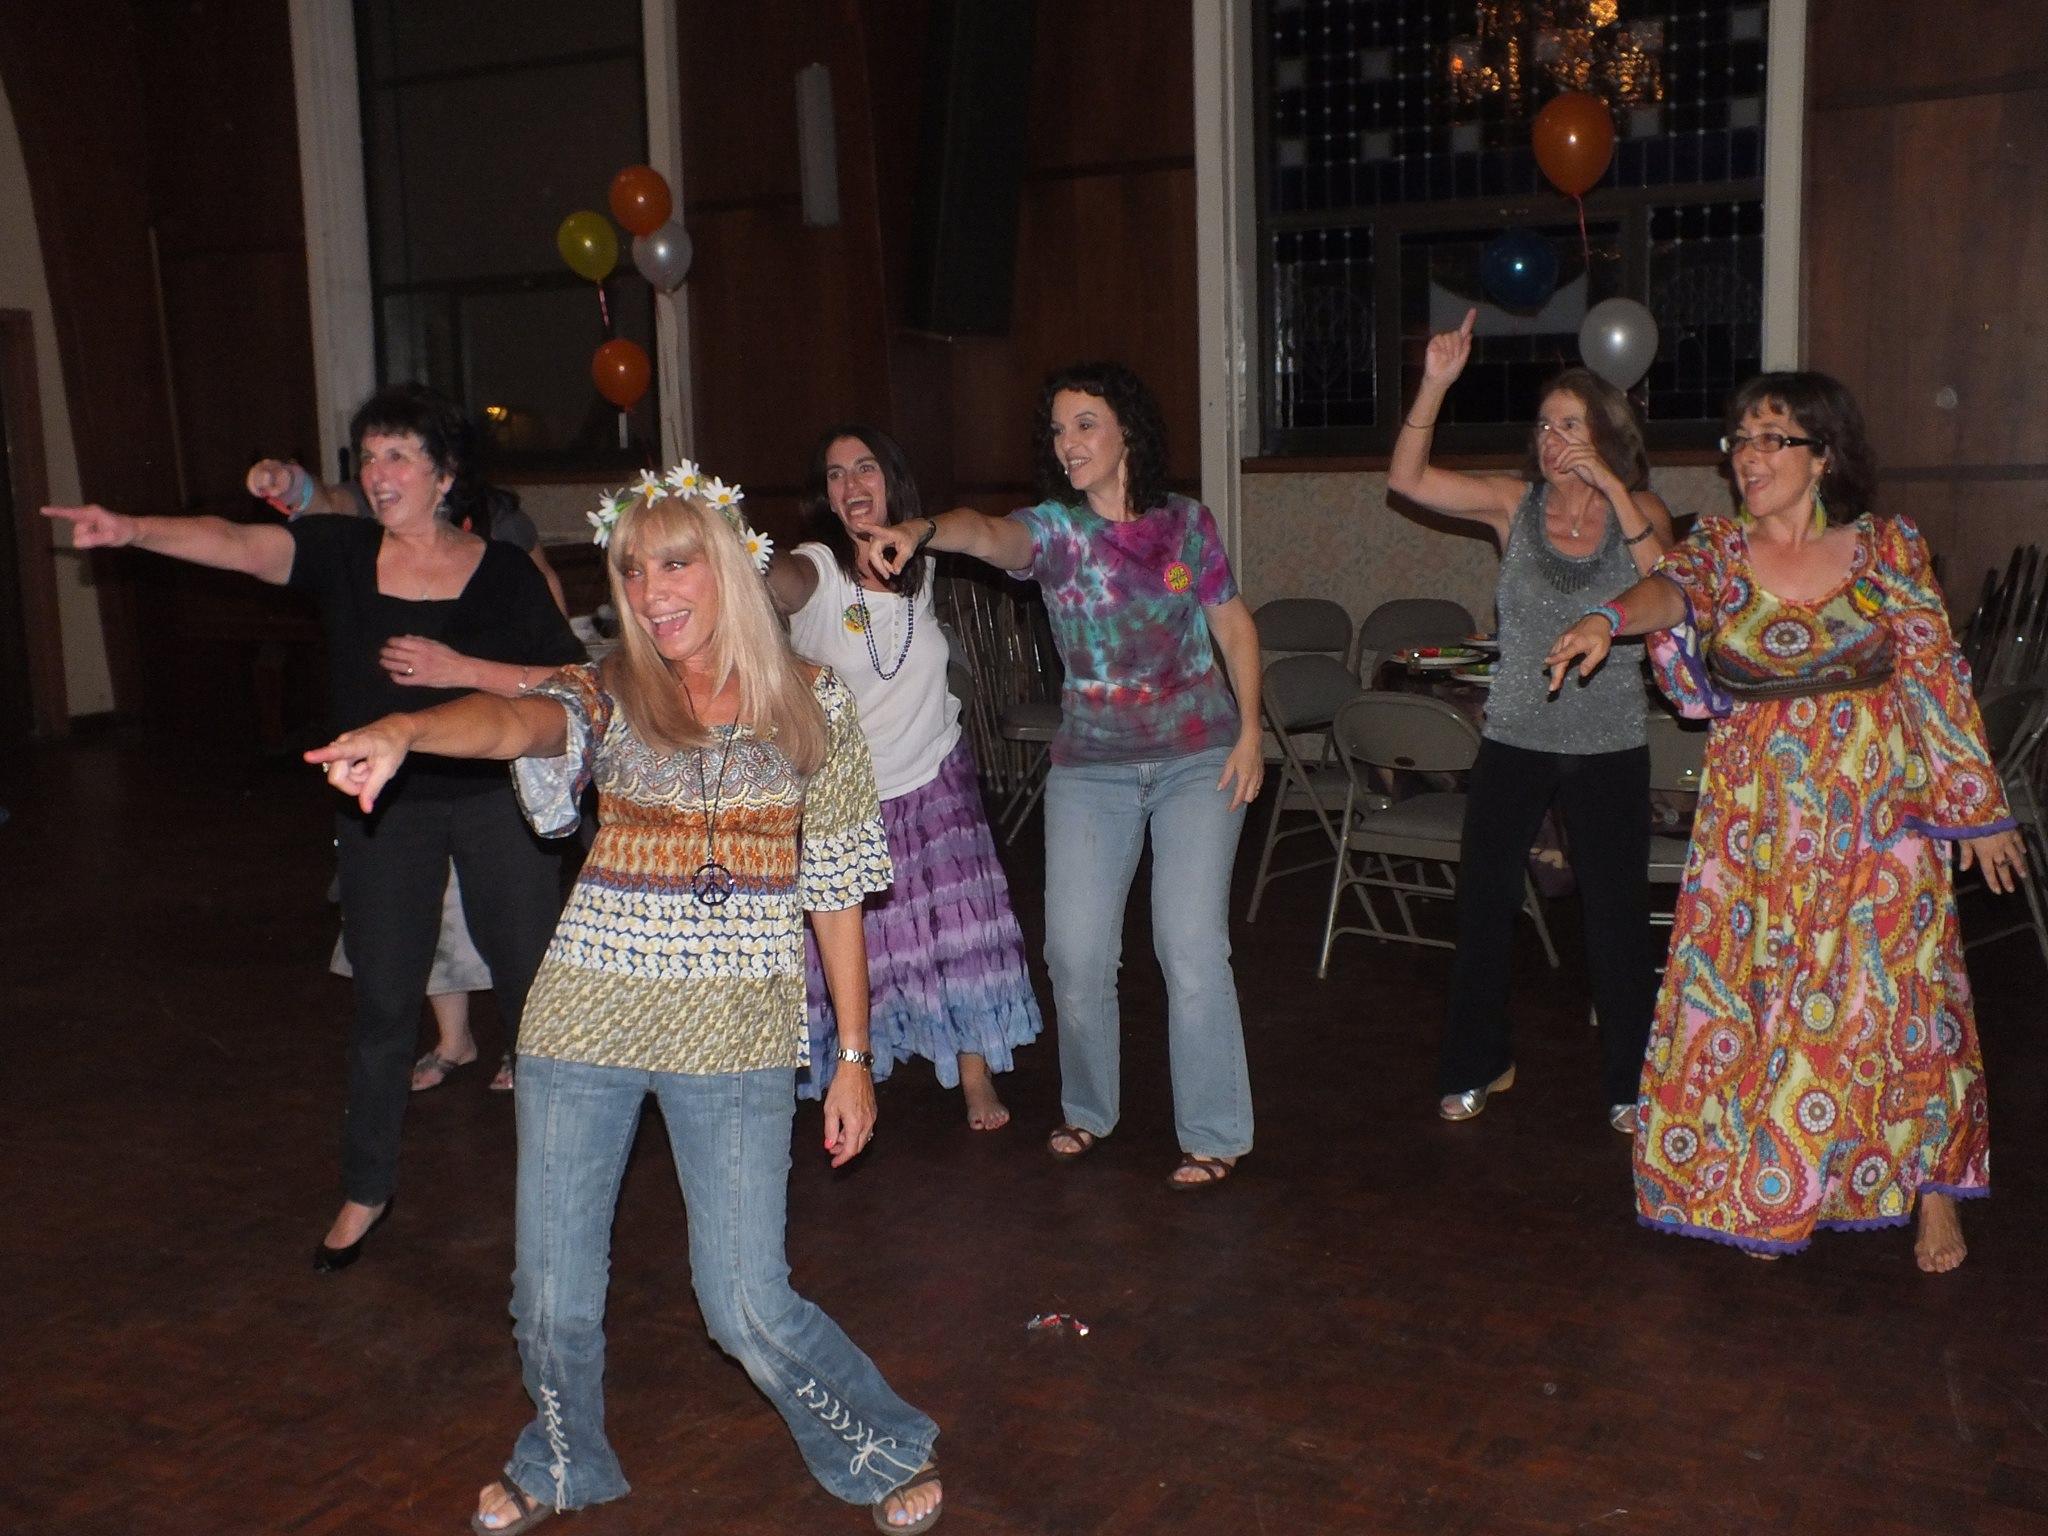 dancing 2013